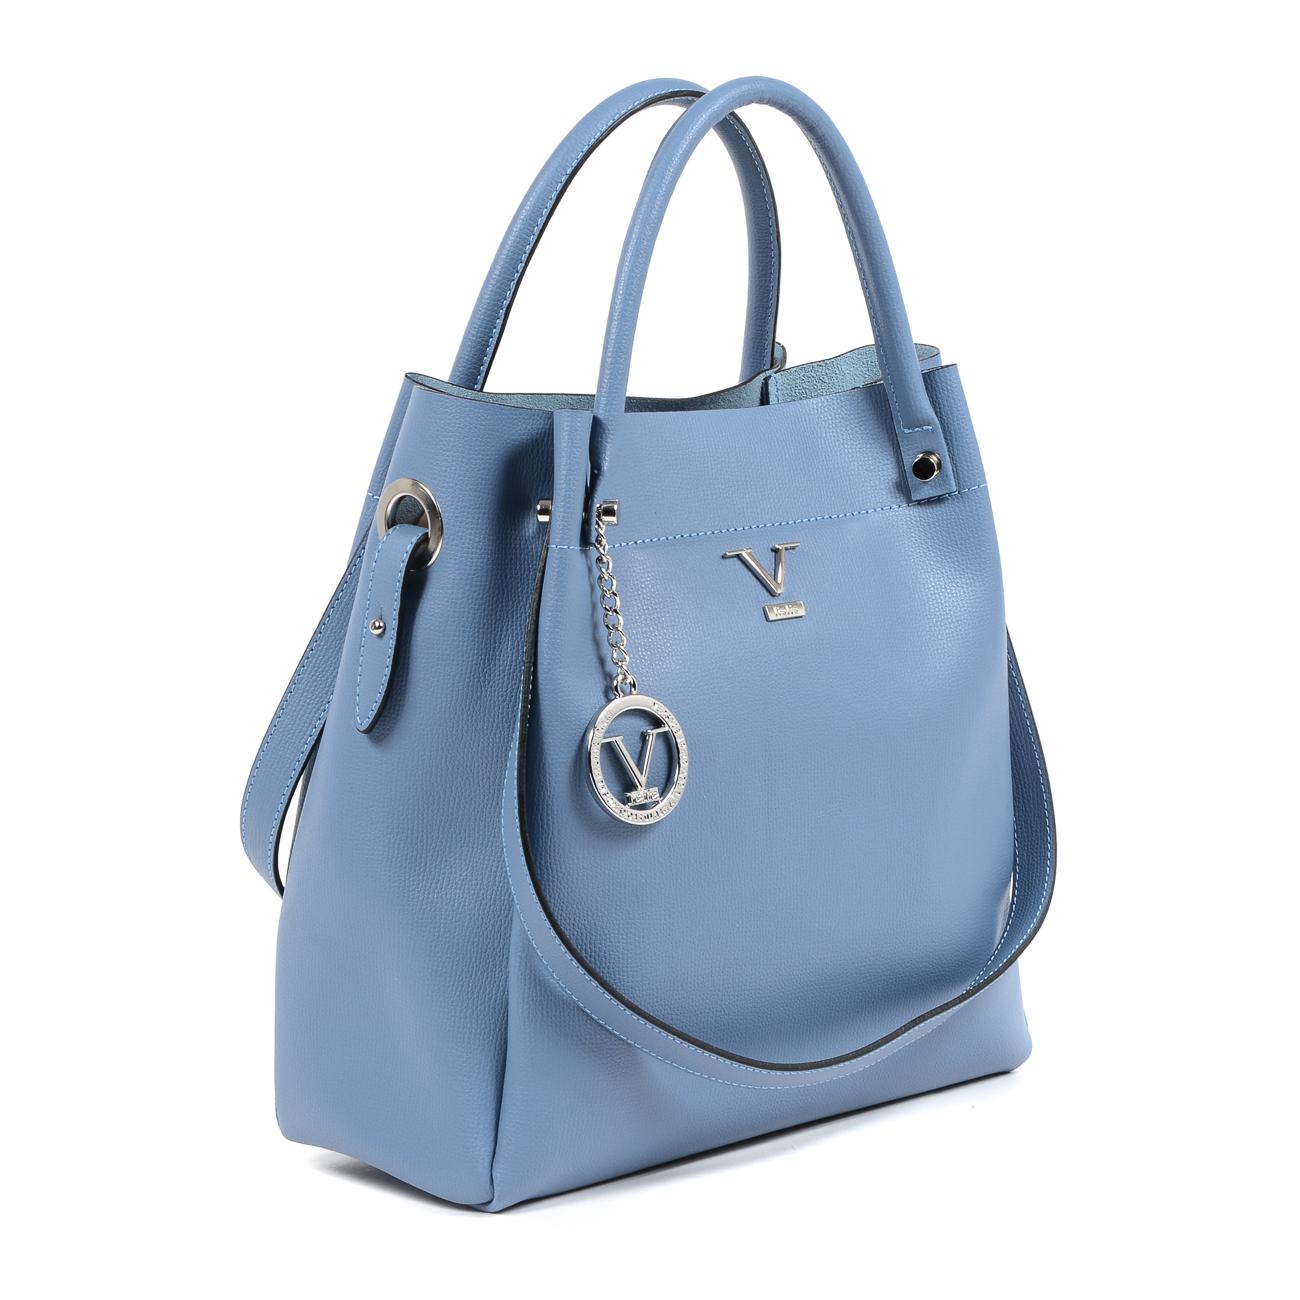 V 1969 Italia Womens Handbag Light Blue ALESSIA